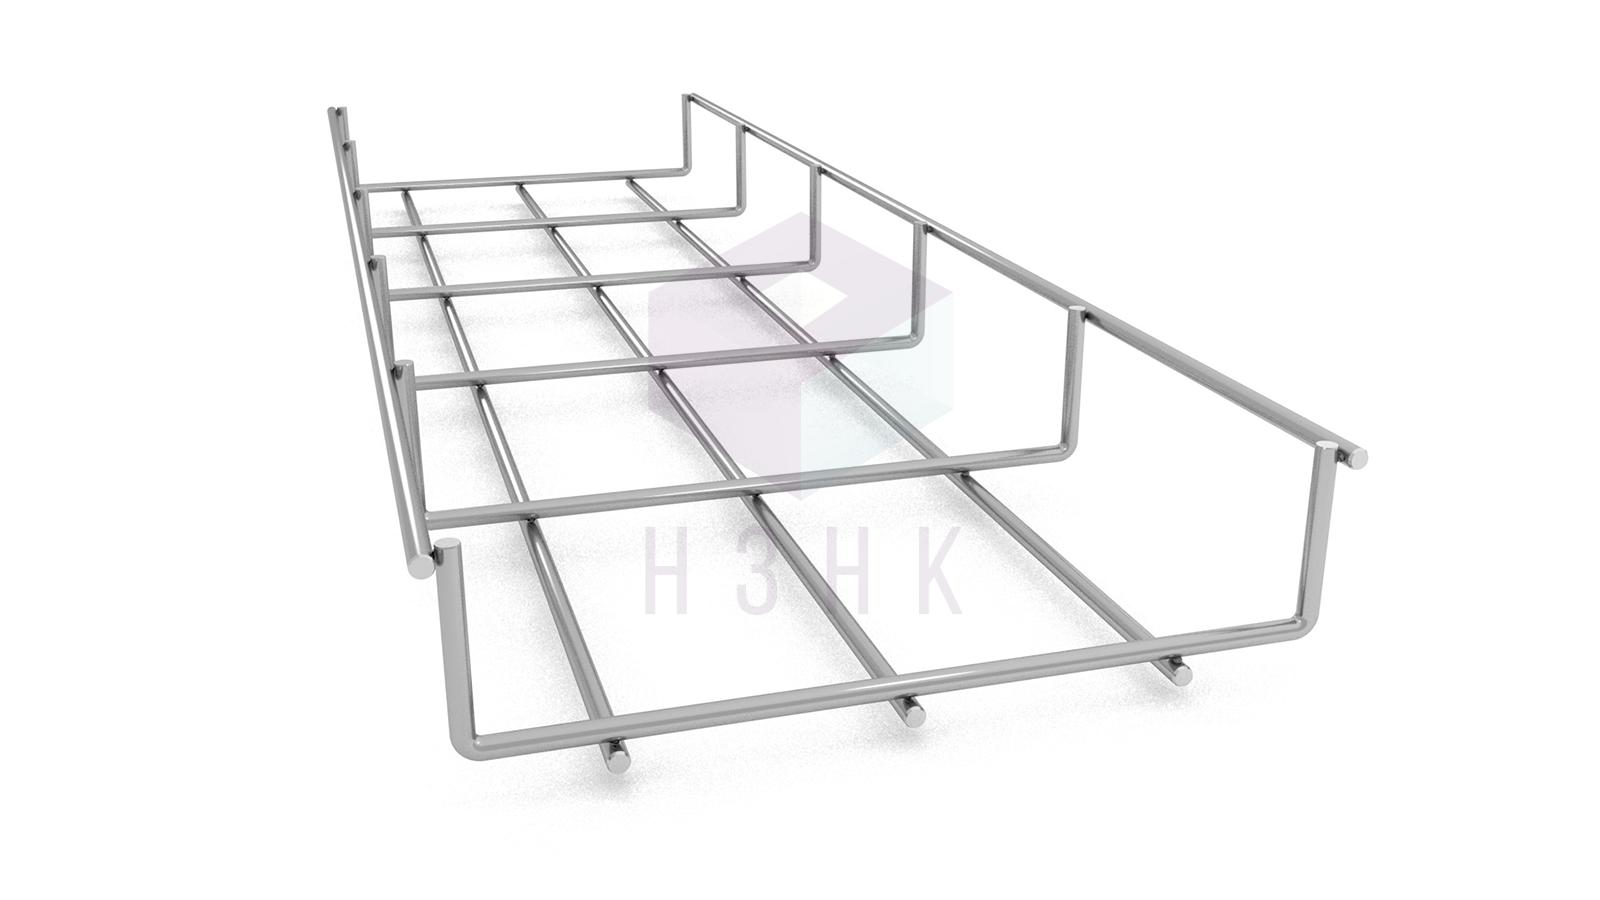 Лоток проволочный LPR150Х35Х3000(5) нержавеющая сталь